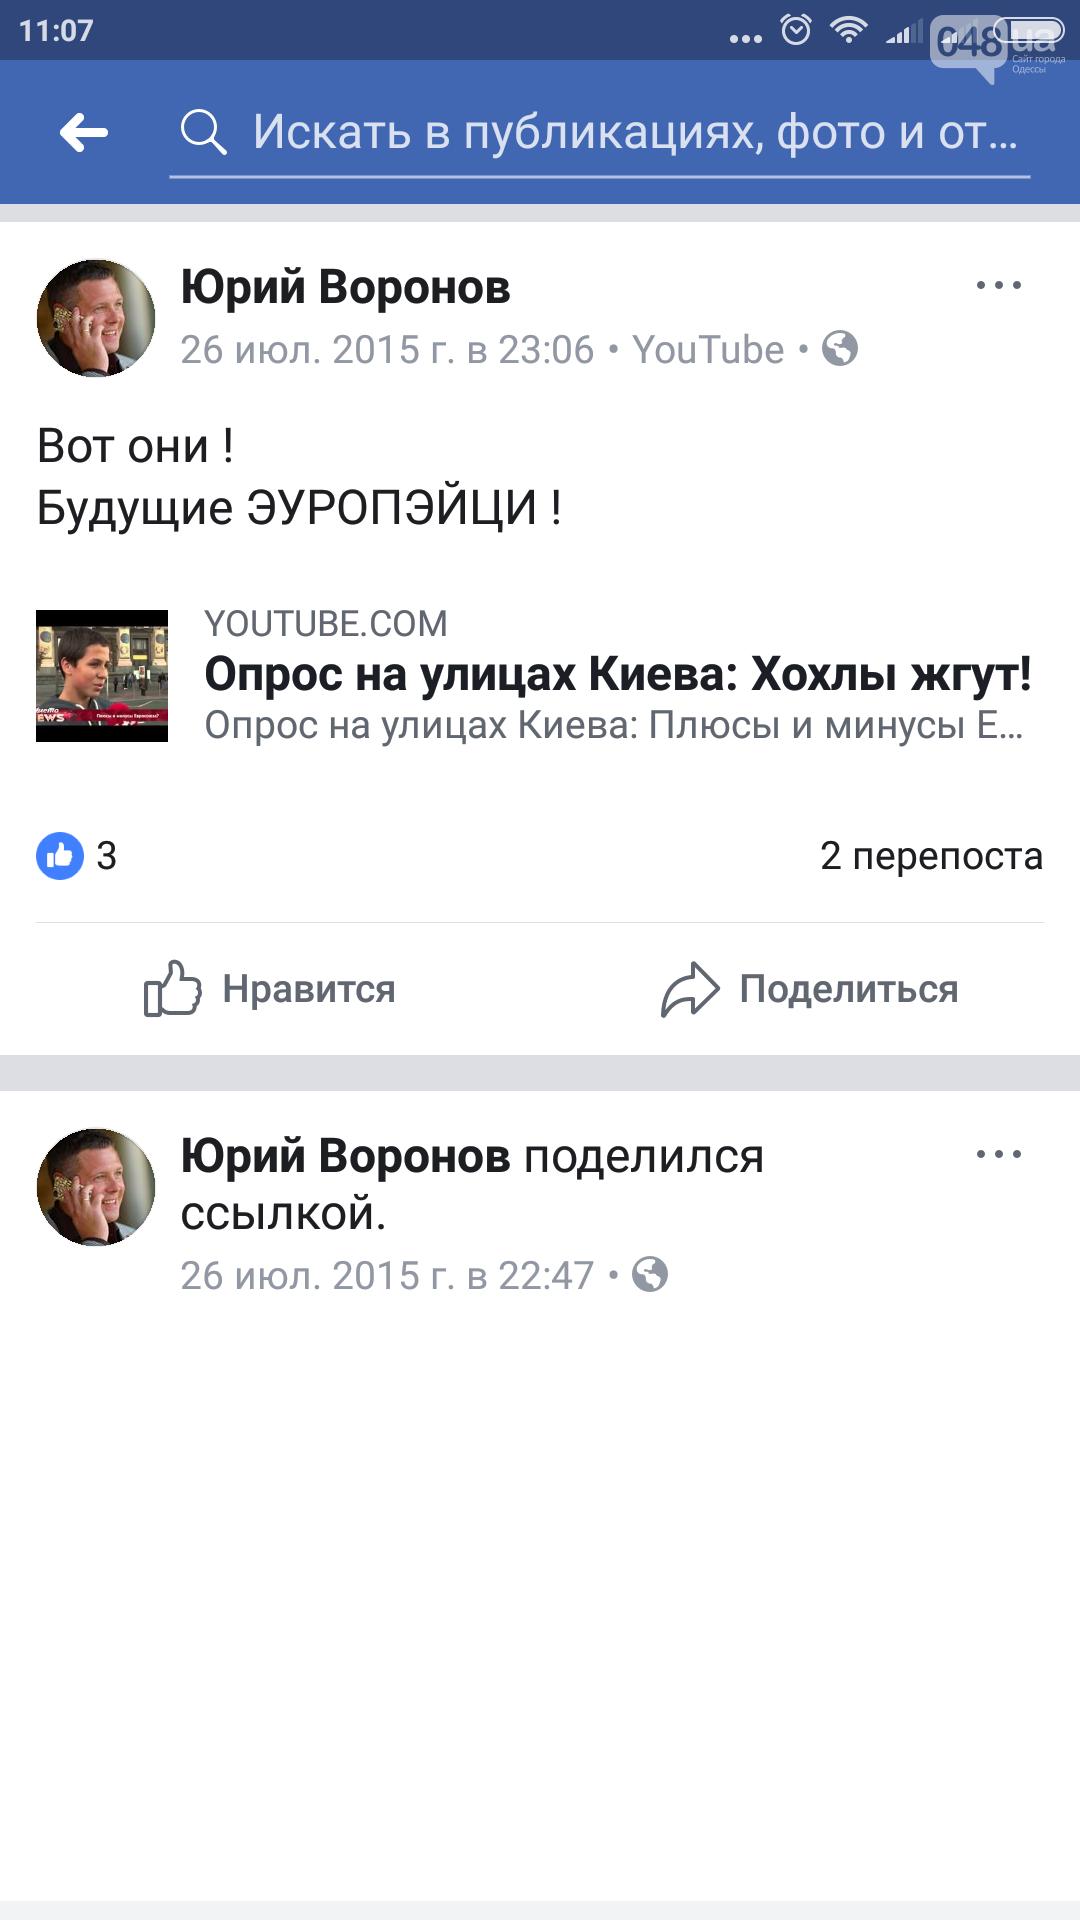 В Одессе бизнесмен-патриот России осваивает бюджетные миллионы и поливает грязью украинцев, - ФОТО, фото-2